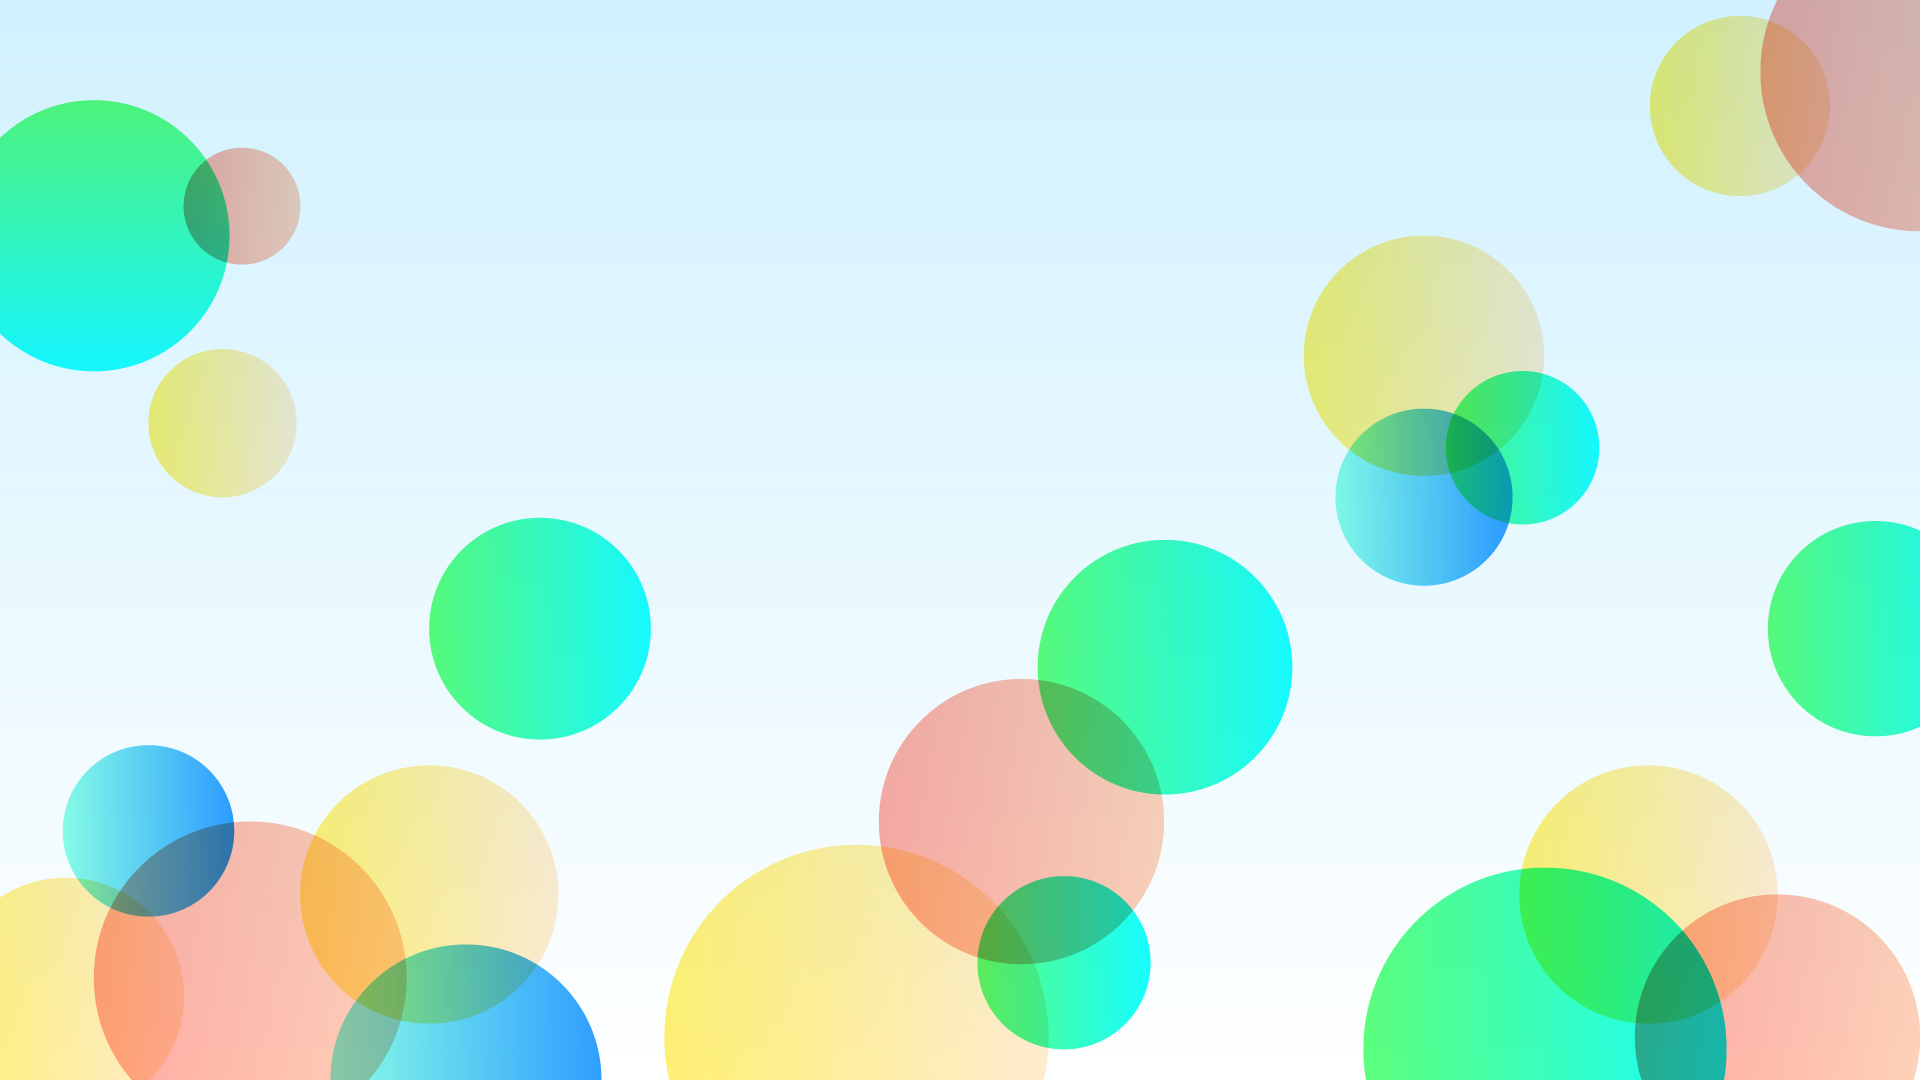 カラフルなバブルの壁紙・背景素材 1,920px×1,080px